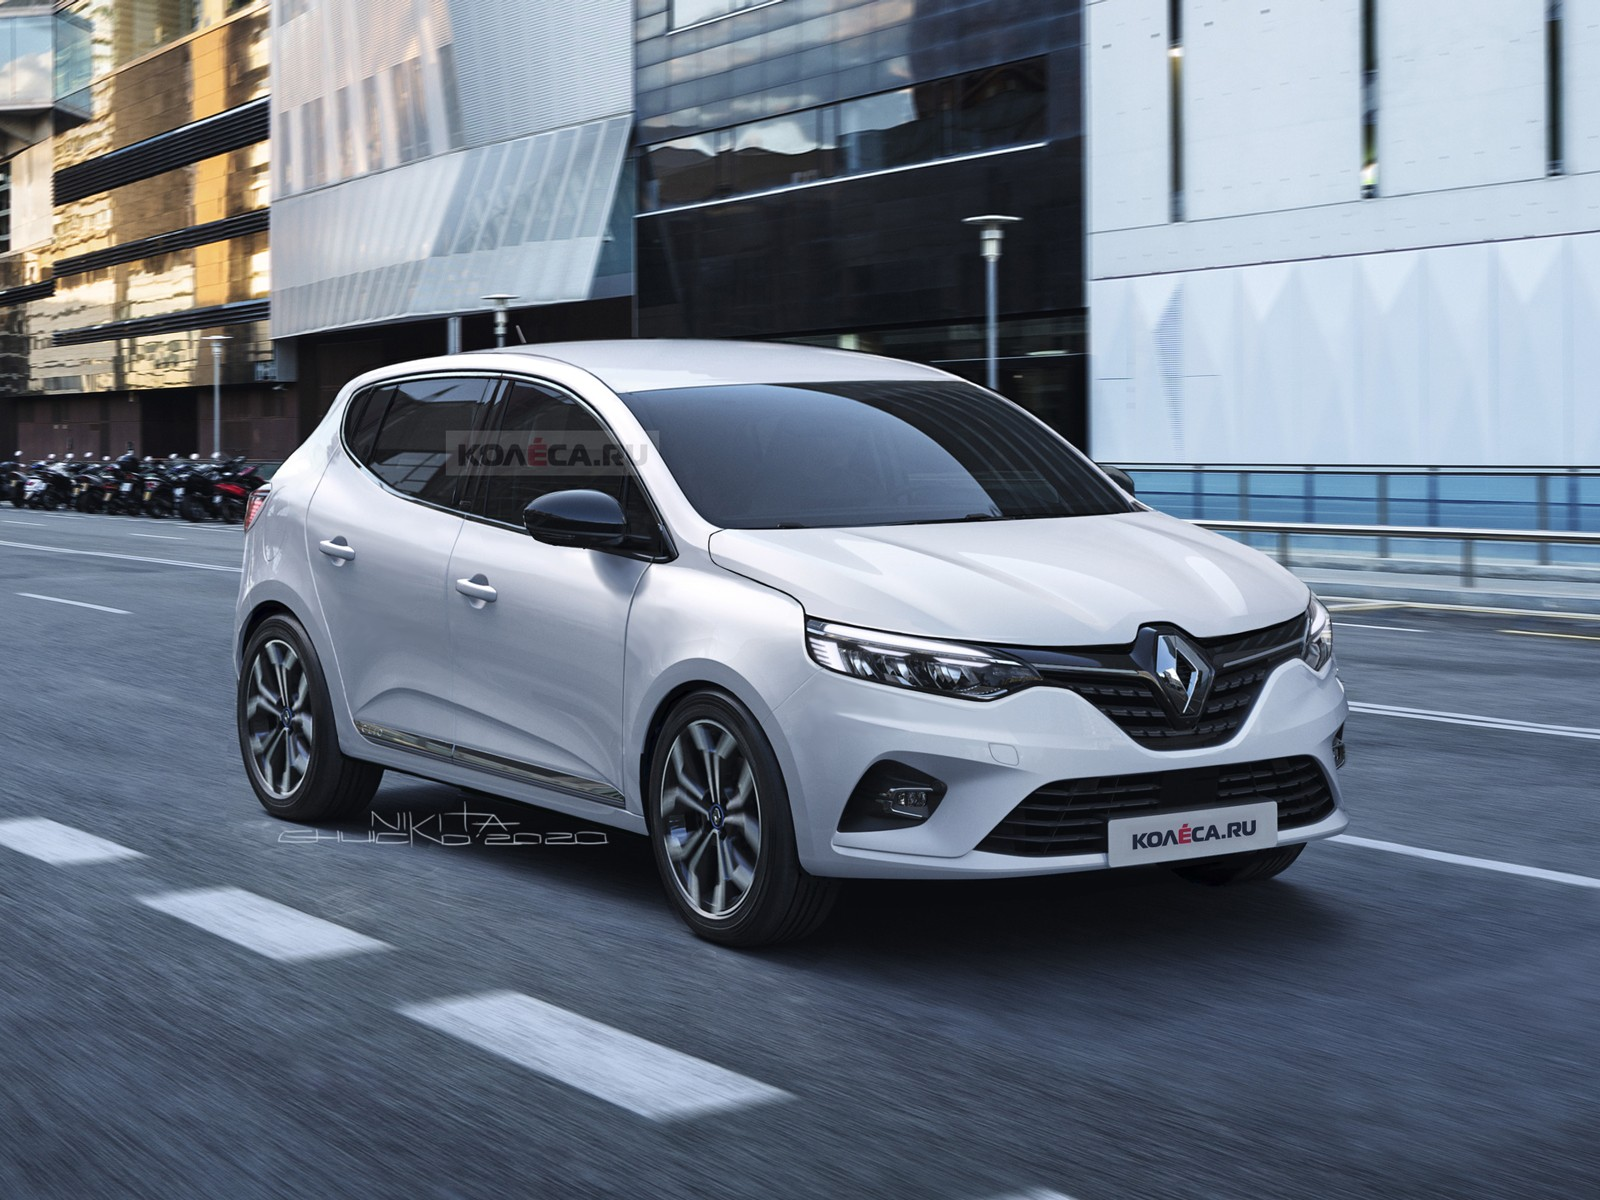 Cea de-a treia generație a popularului hatchback Dacia Sandero se află în faza de testare, așa că apar periodic imagini spion făcute în diverse zone ale lumii. Folosind fotografiile cu mașinile acoperite cu folie camuflaj, rușii de la site-ul kolesa.ru au pregătit câteva randări cu noul model.